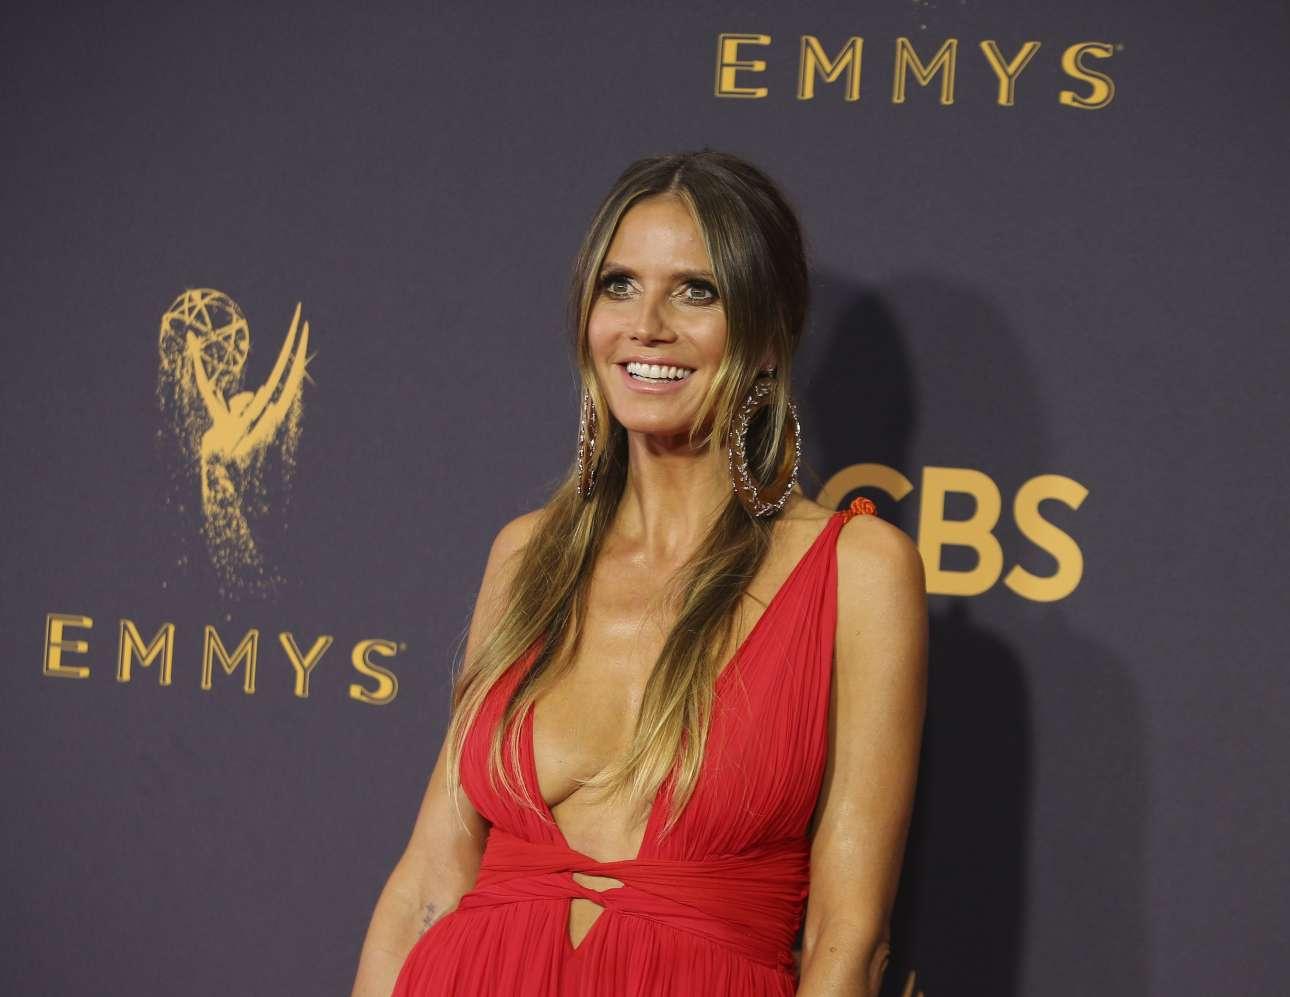 Χάιντι Κλουμ με κόκκινο αποκαλυπτικό φόρεμα